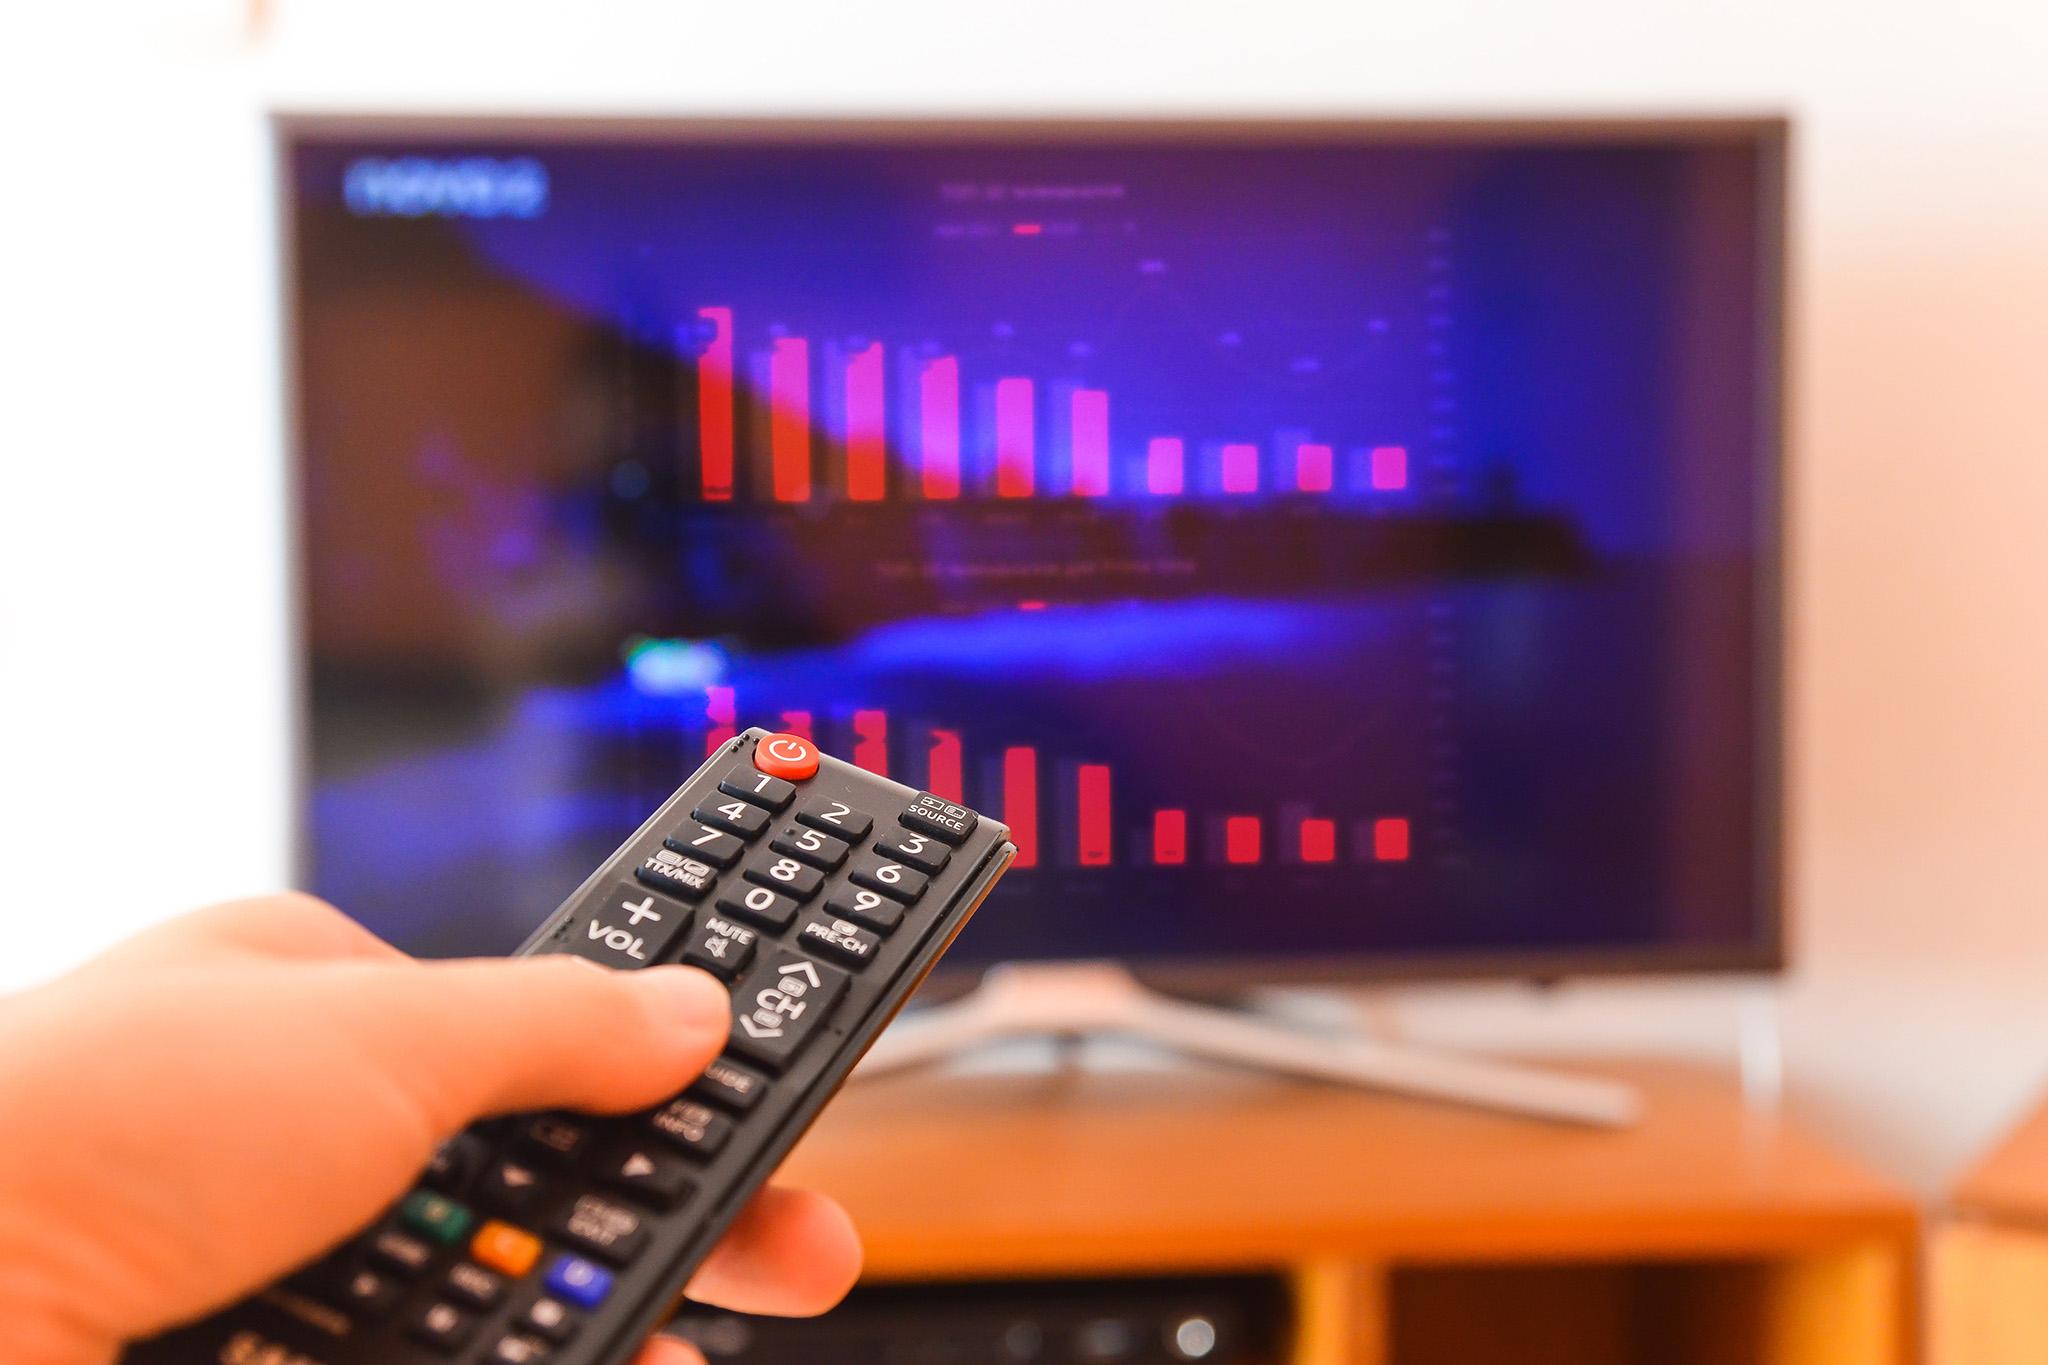 📈📺 Телерейтинги: Итоги-2018. Лидерство «Украины», прыжок ICTV и падение СТБ